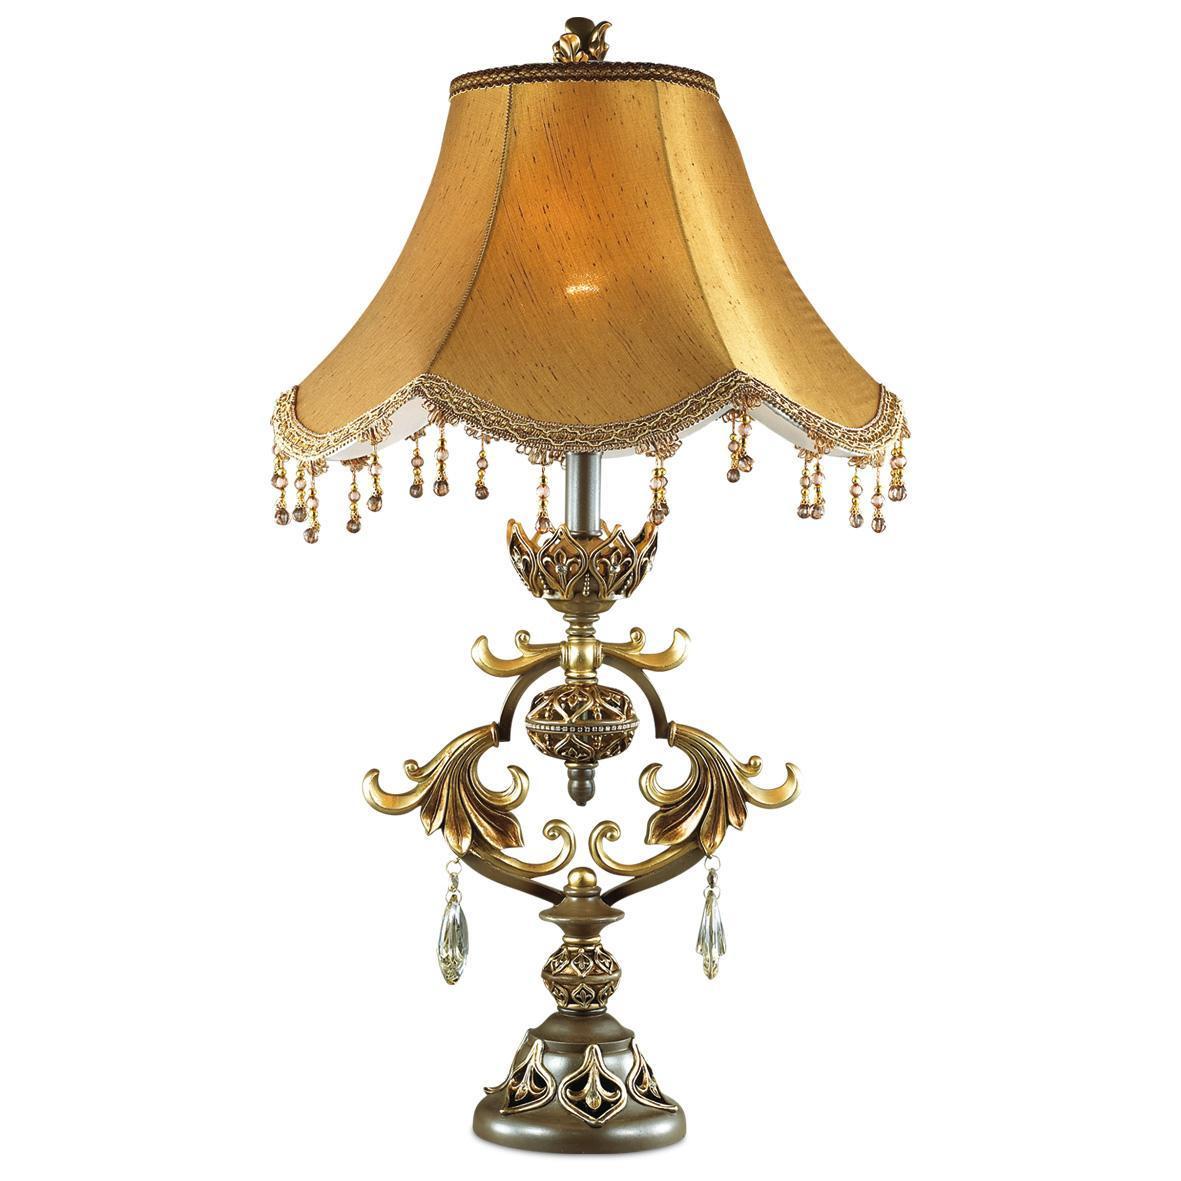 Настольный светильник Odeon Light 2802/1T настольный светильник j light 1310 1t